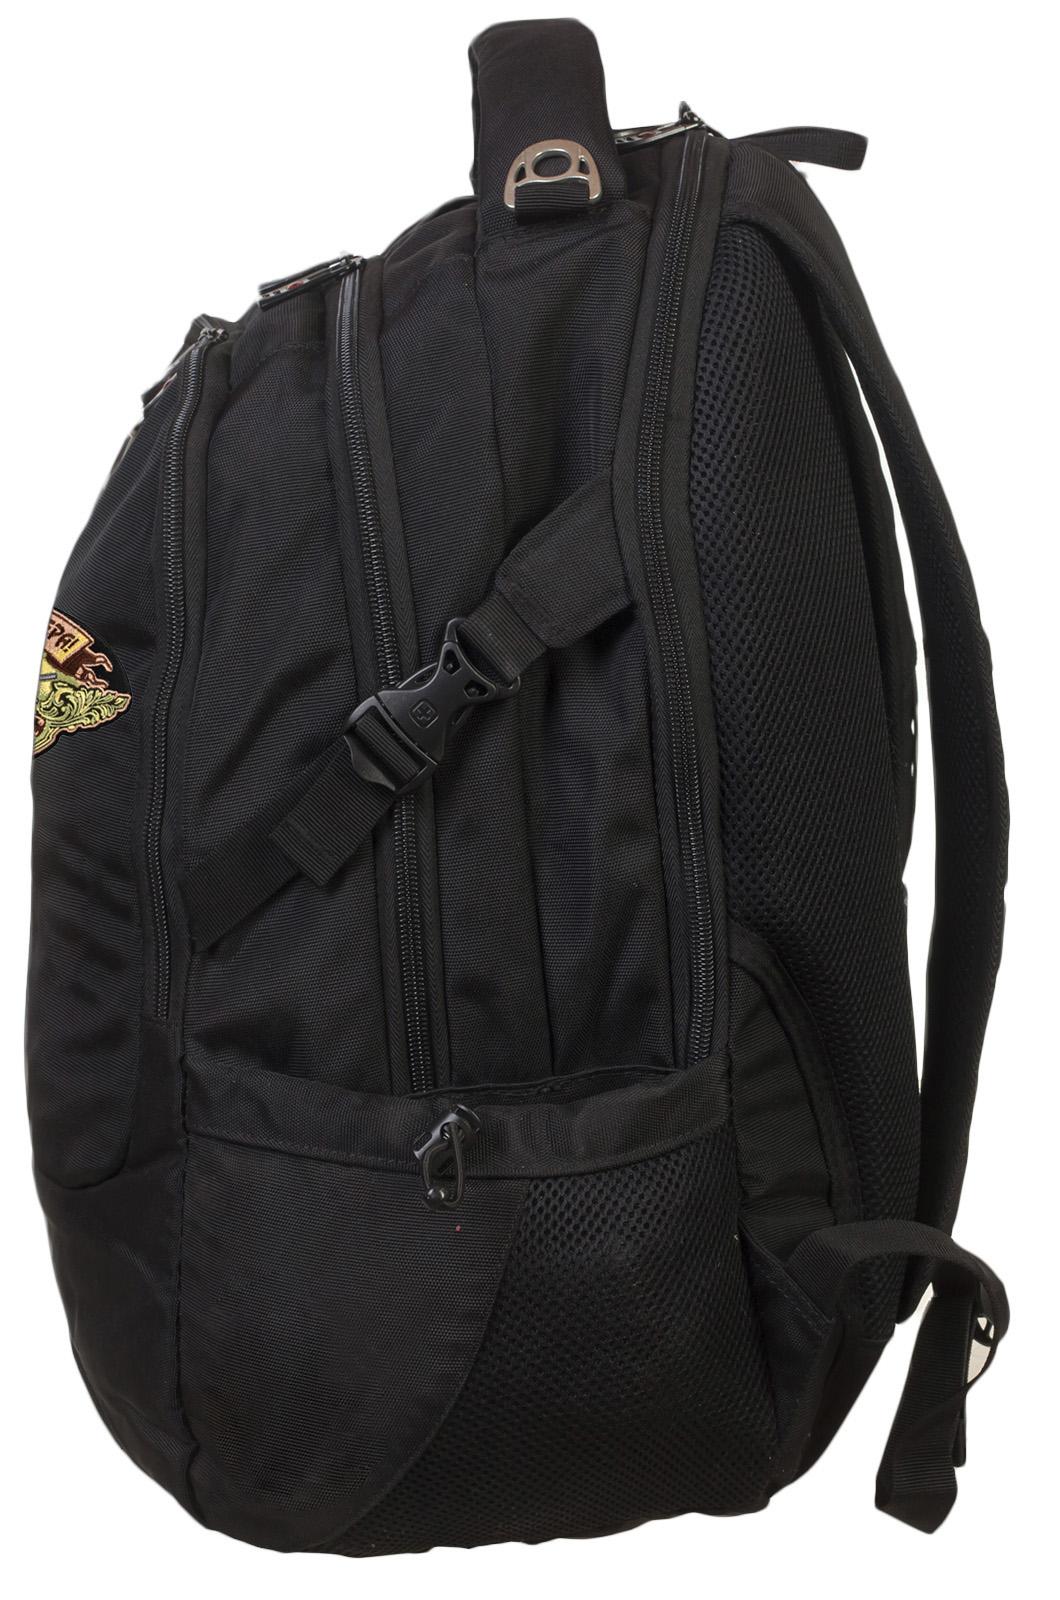 Охотничий крутой рюкзак с нашивкой Ни пуха, ни пера - заказать а подарок